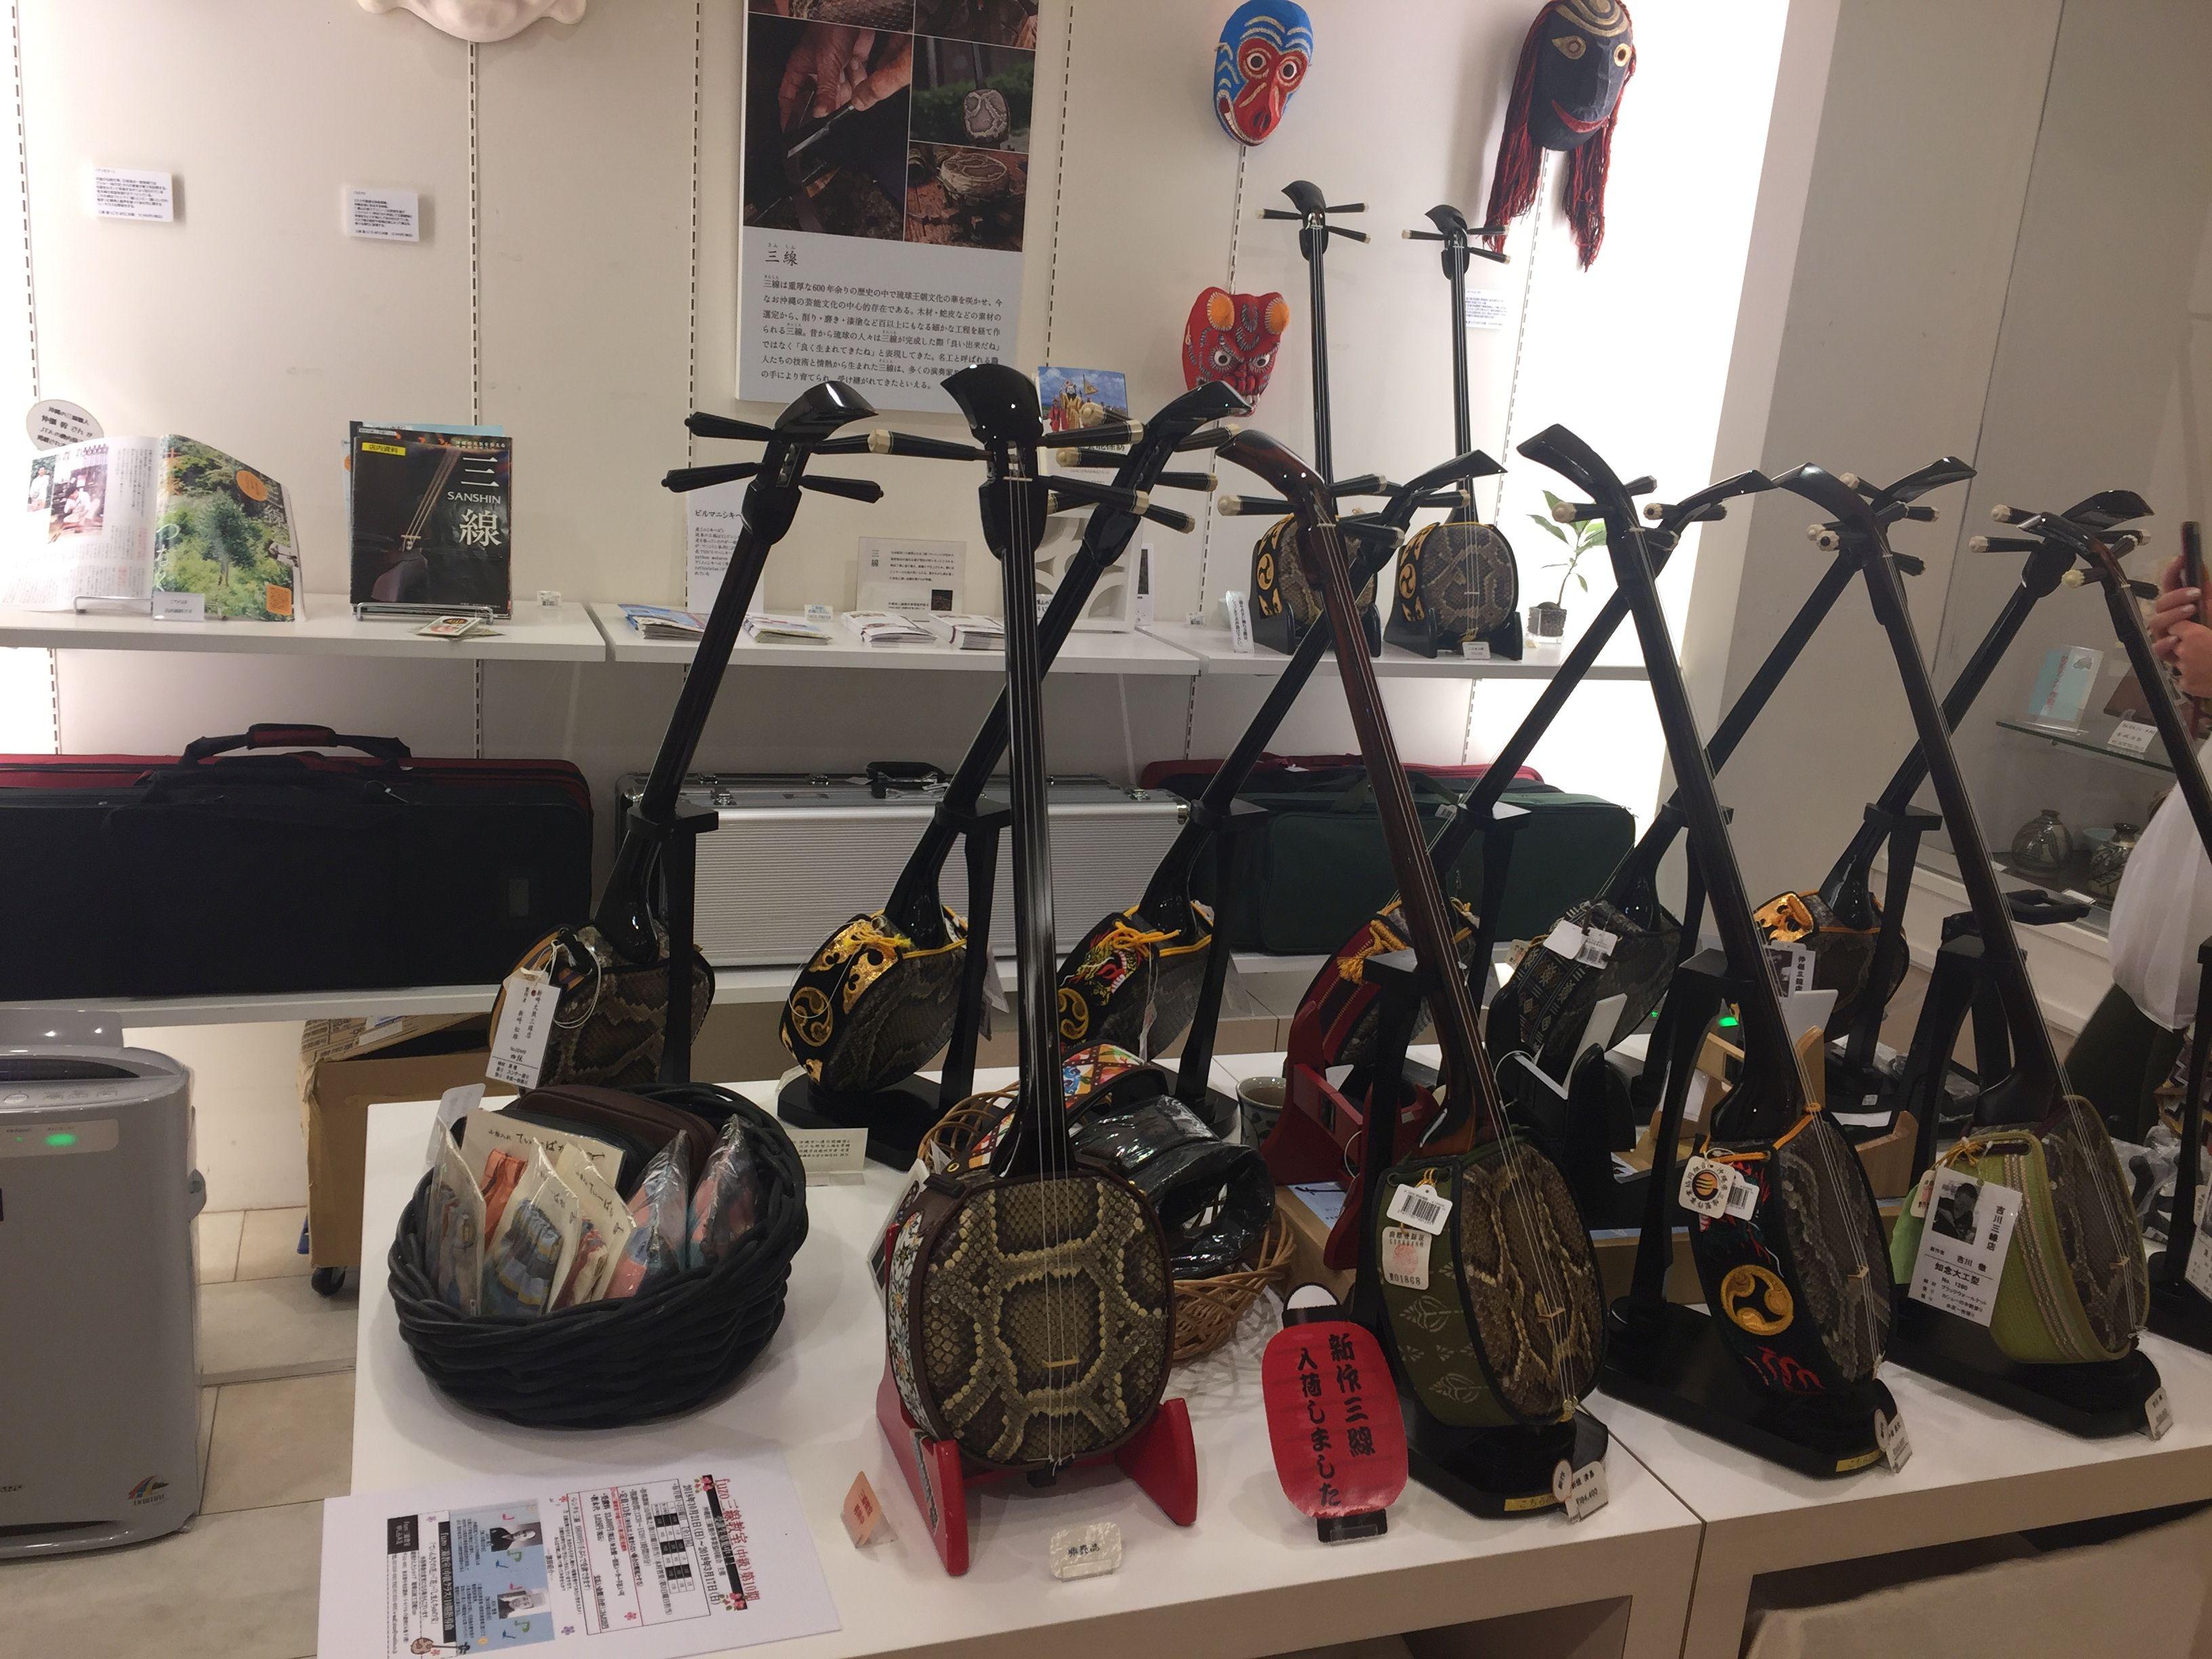 Народные инструменты в антенна-шопе «Гиндза Васита Шоп» префектуры Окинава - Информационное Агентство Промышленных Новостей